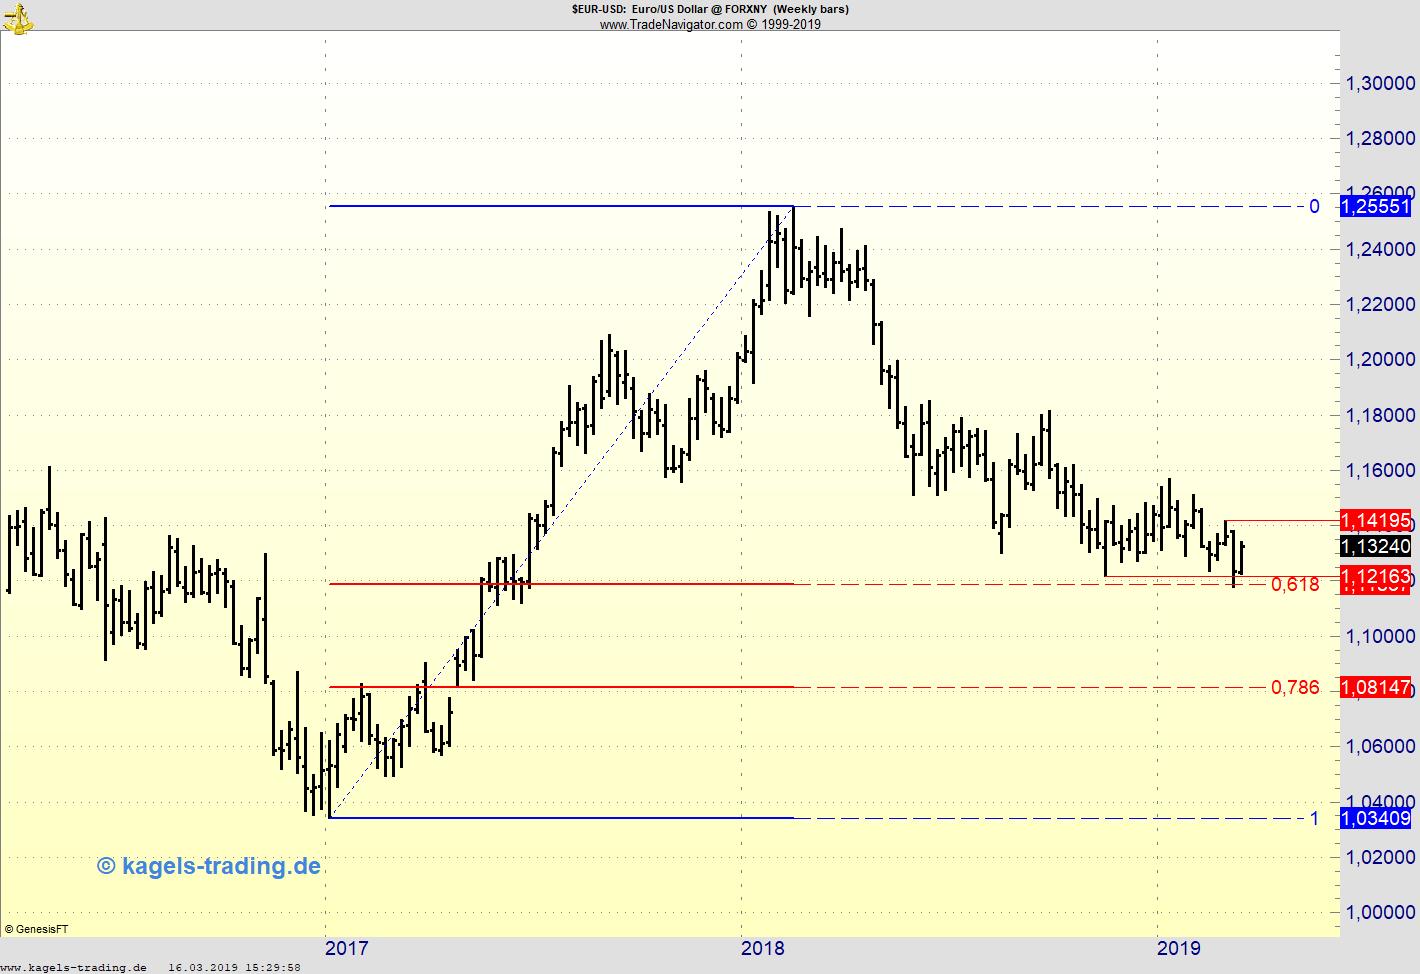 KW16-Chartanalyse vom Euro-Dollar